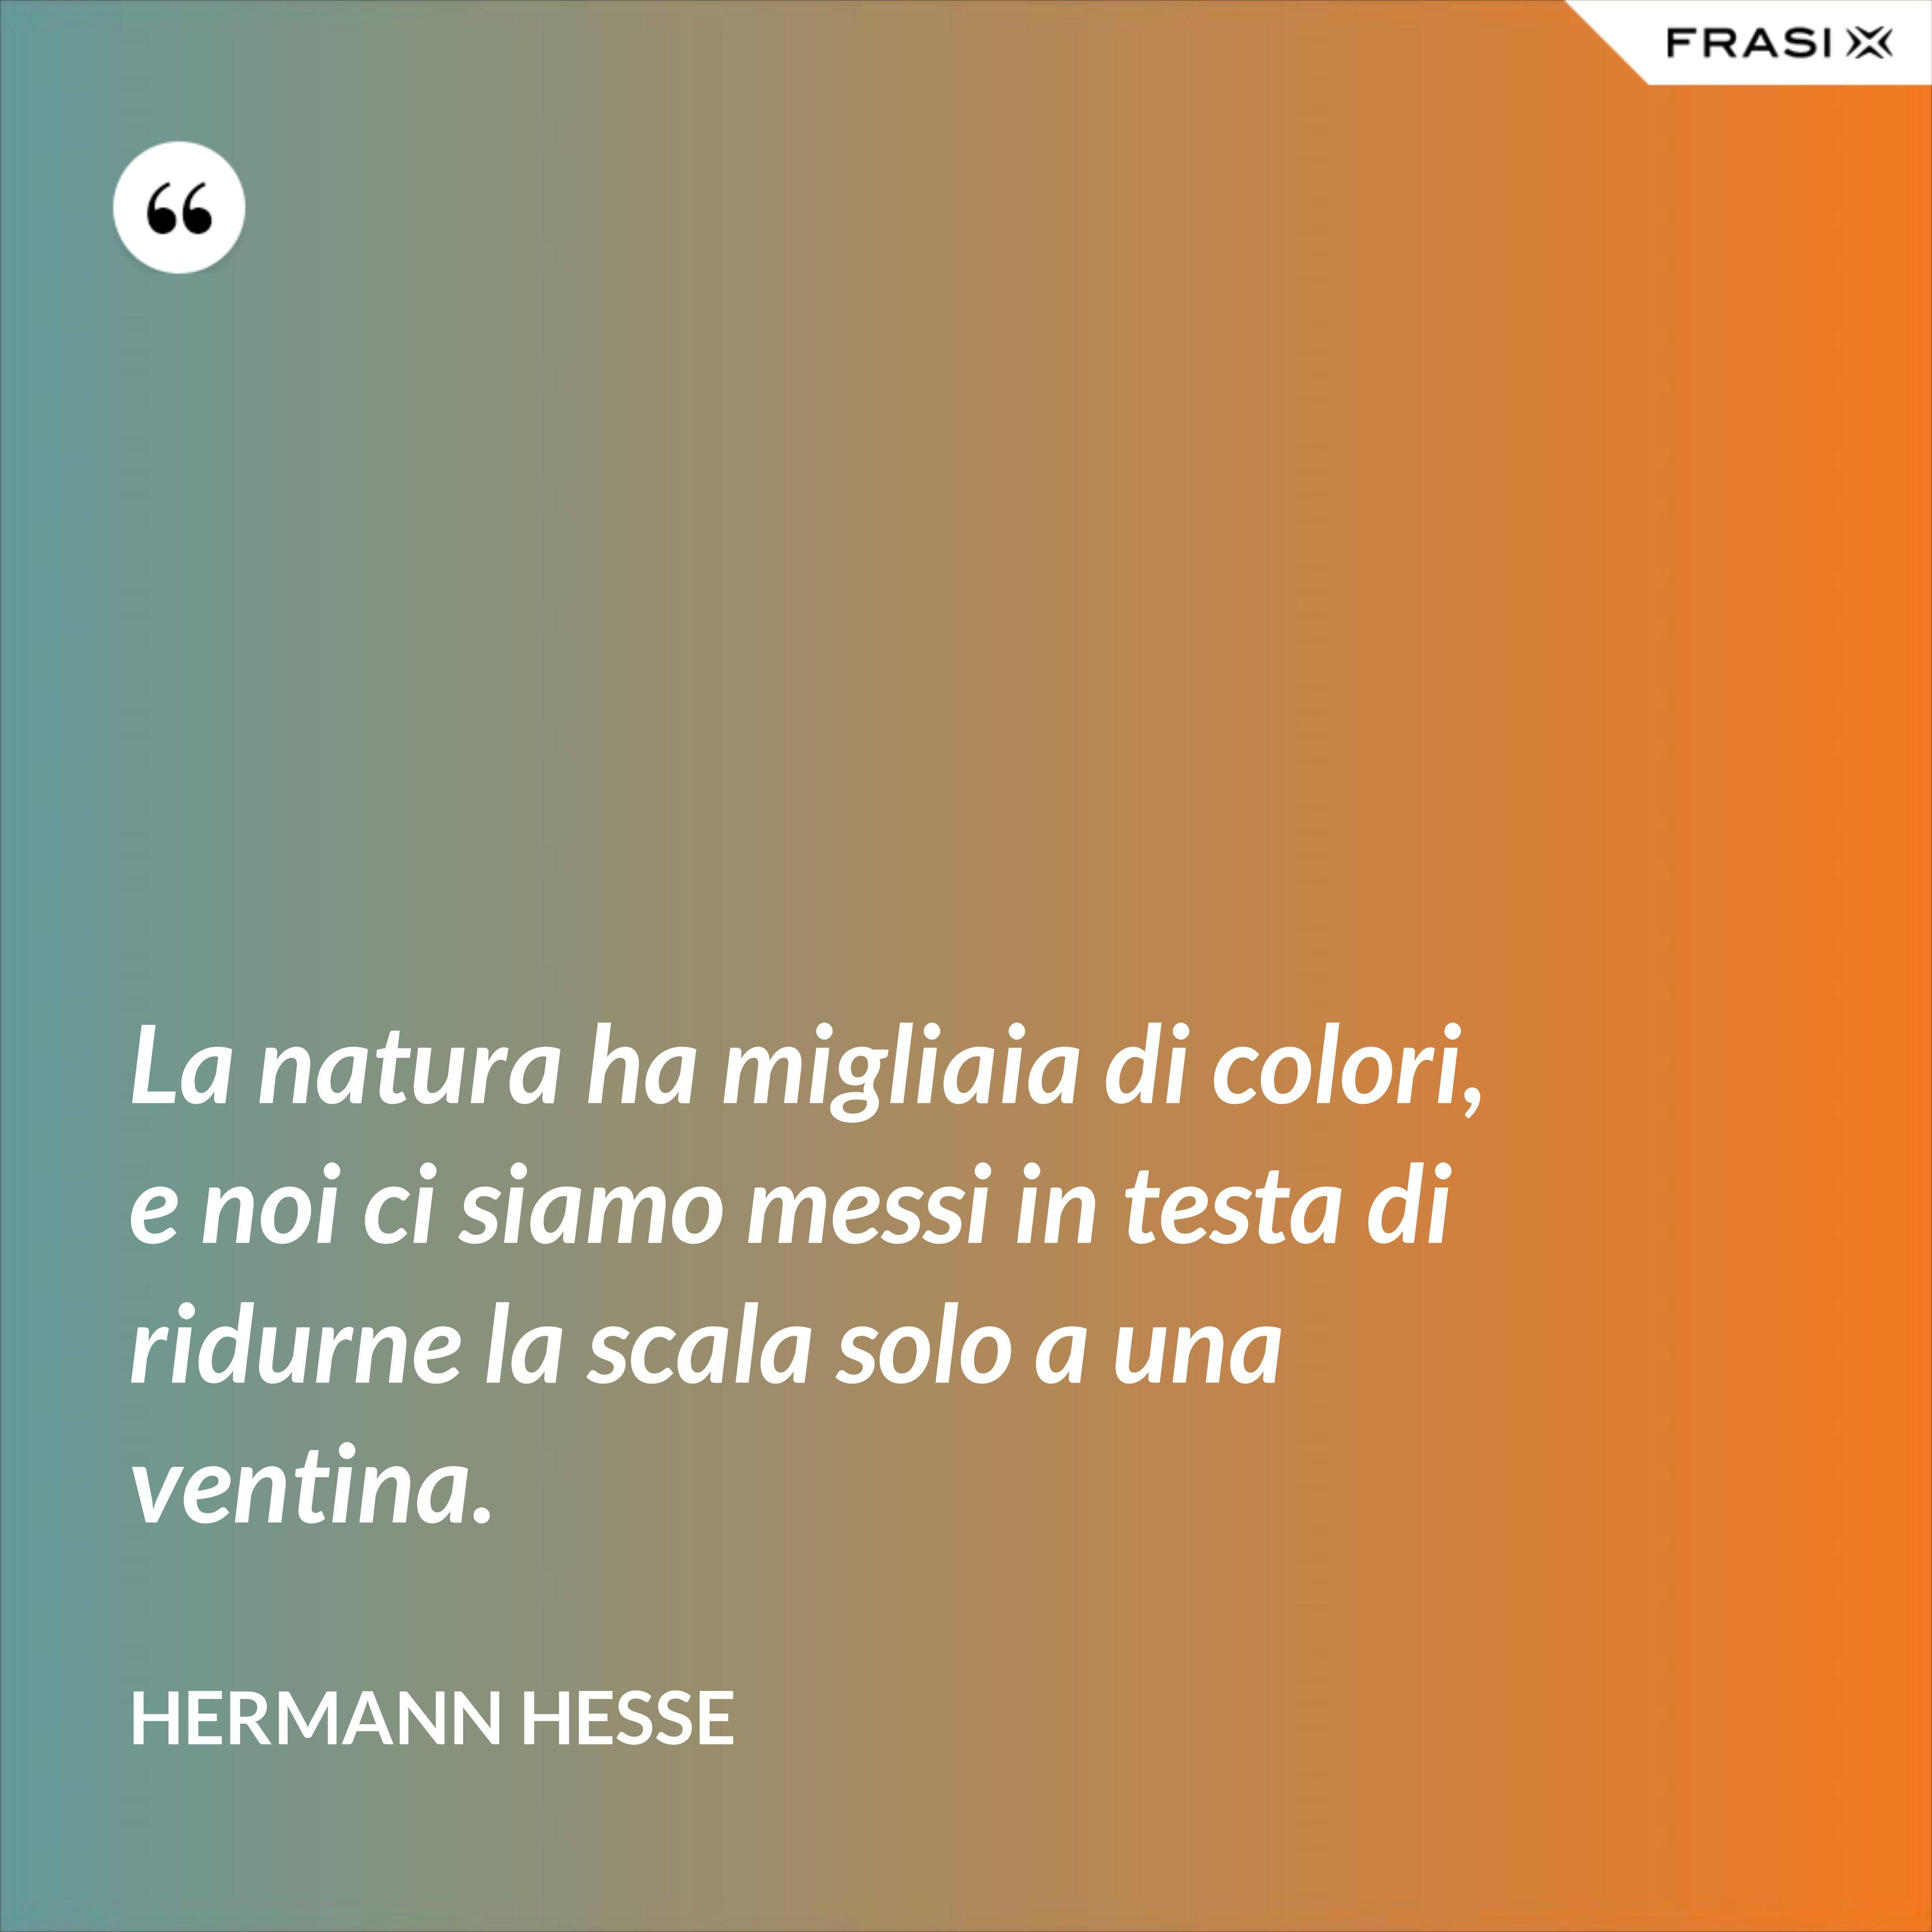 La natura ha migliaia di colori, e noi ci siamo messi in testa di ridurne la scala solo a una ventina. - Hermann Hesse